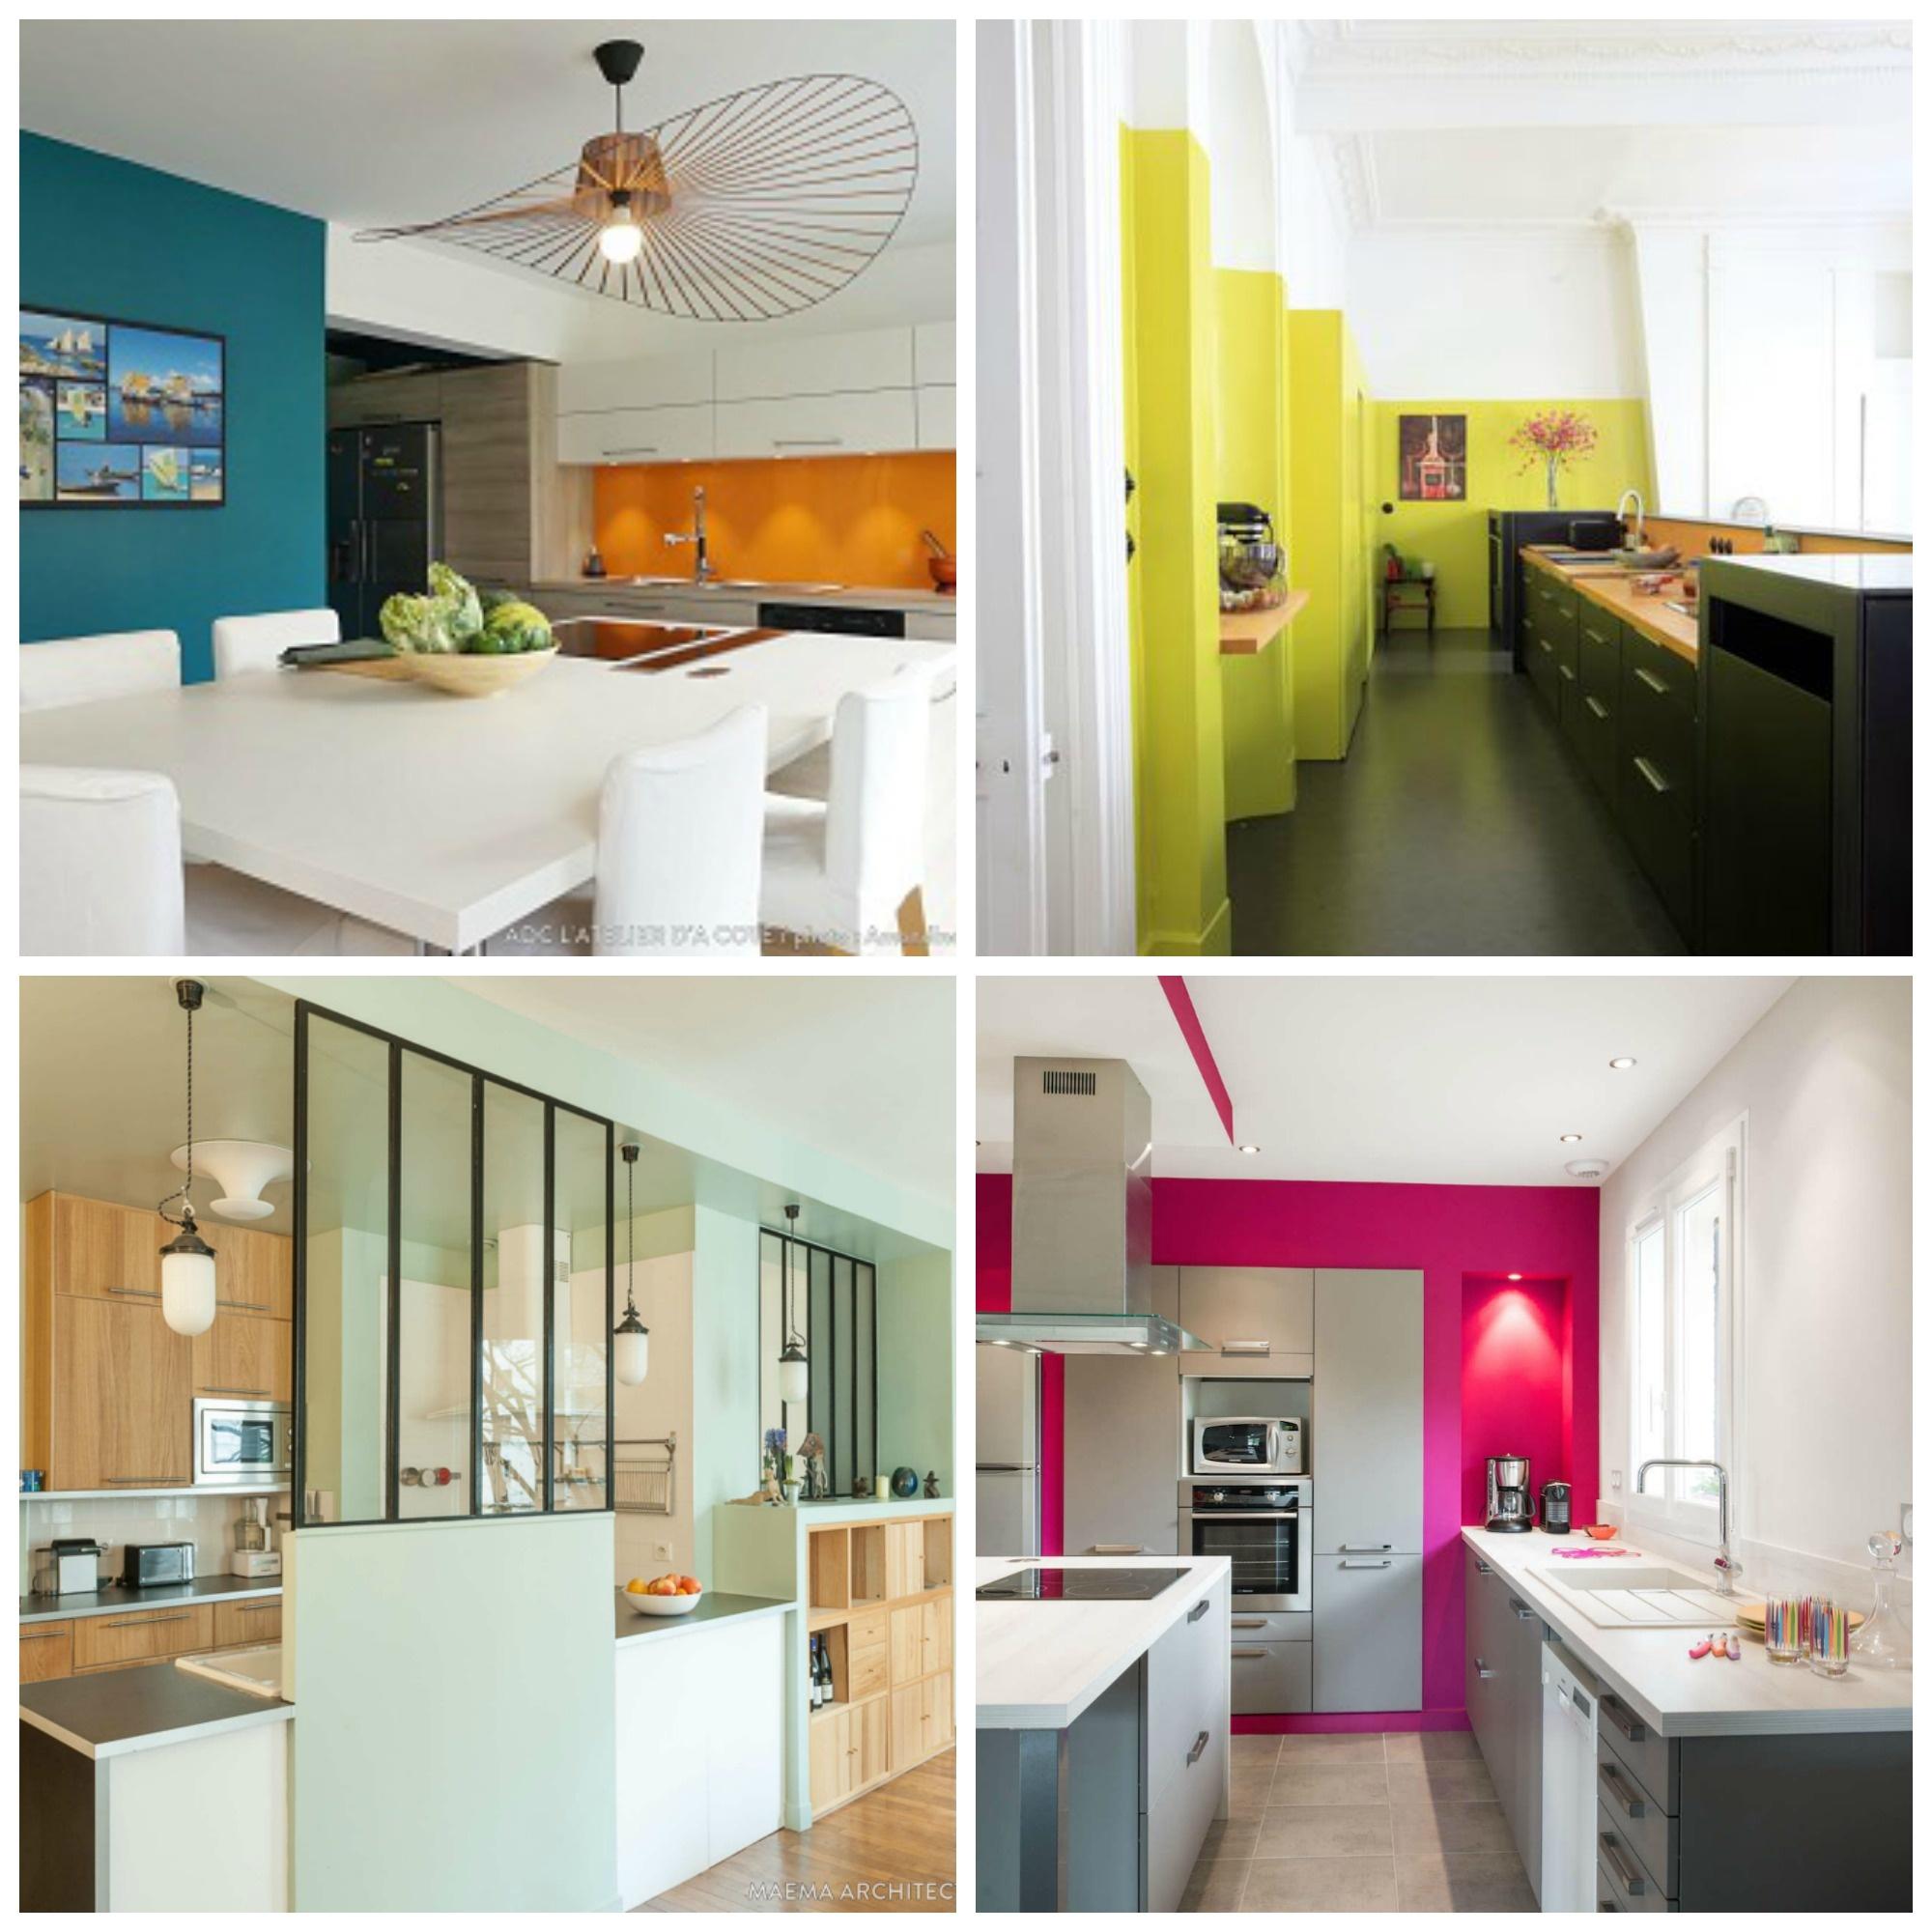 Colores blogs de l nea 3 cocinas dise o de cocinas for Cocinas en linea